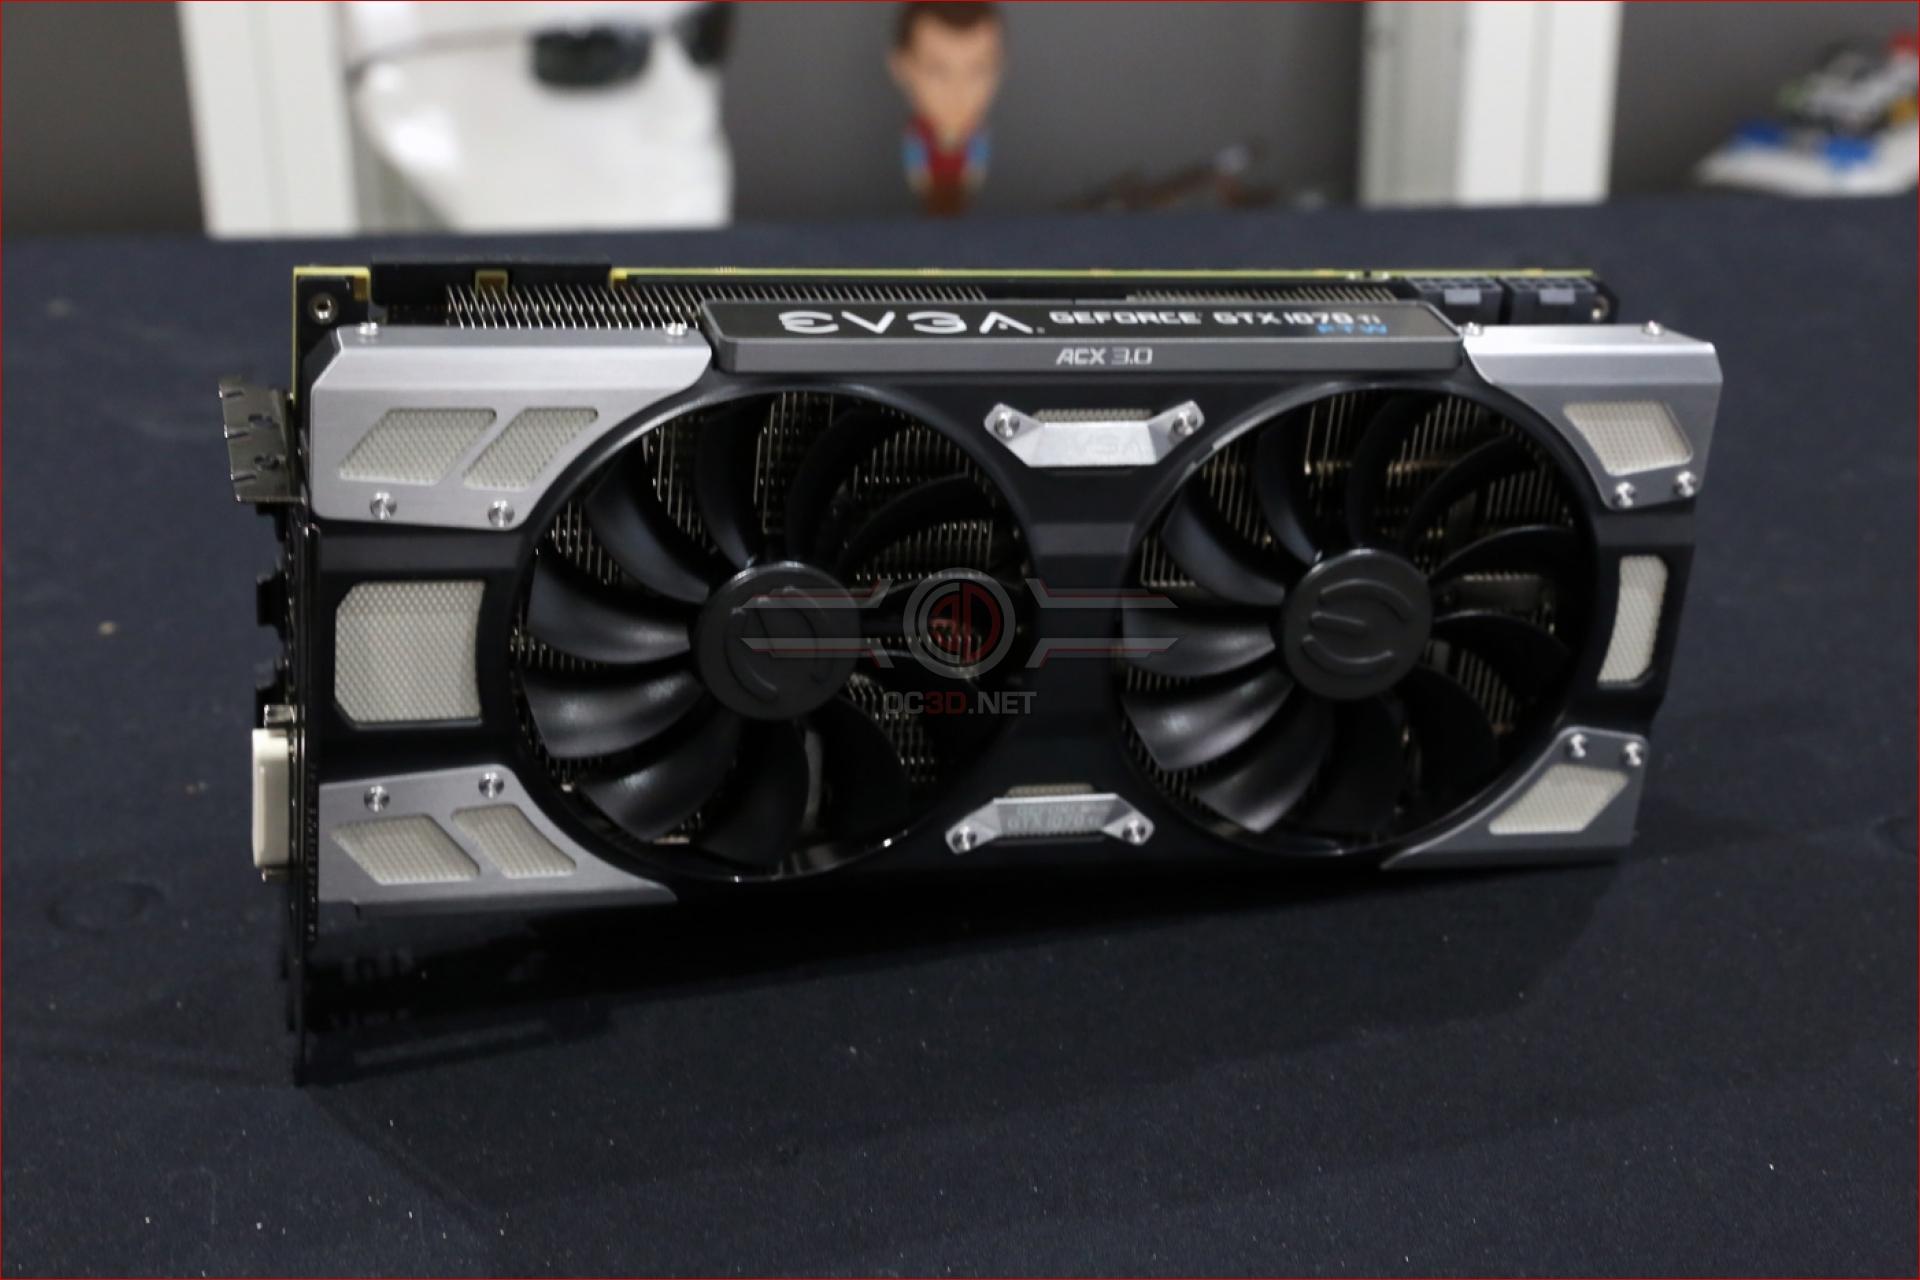 EVGA GTX 1070 Ti FTW Ultra Silent Review | Up Close | GPU & Displays